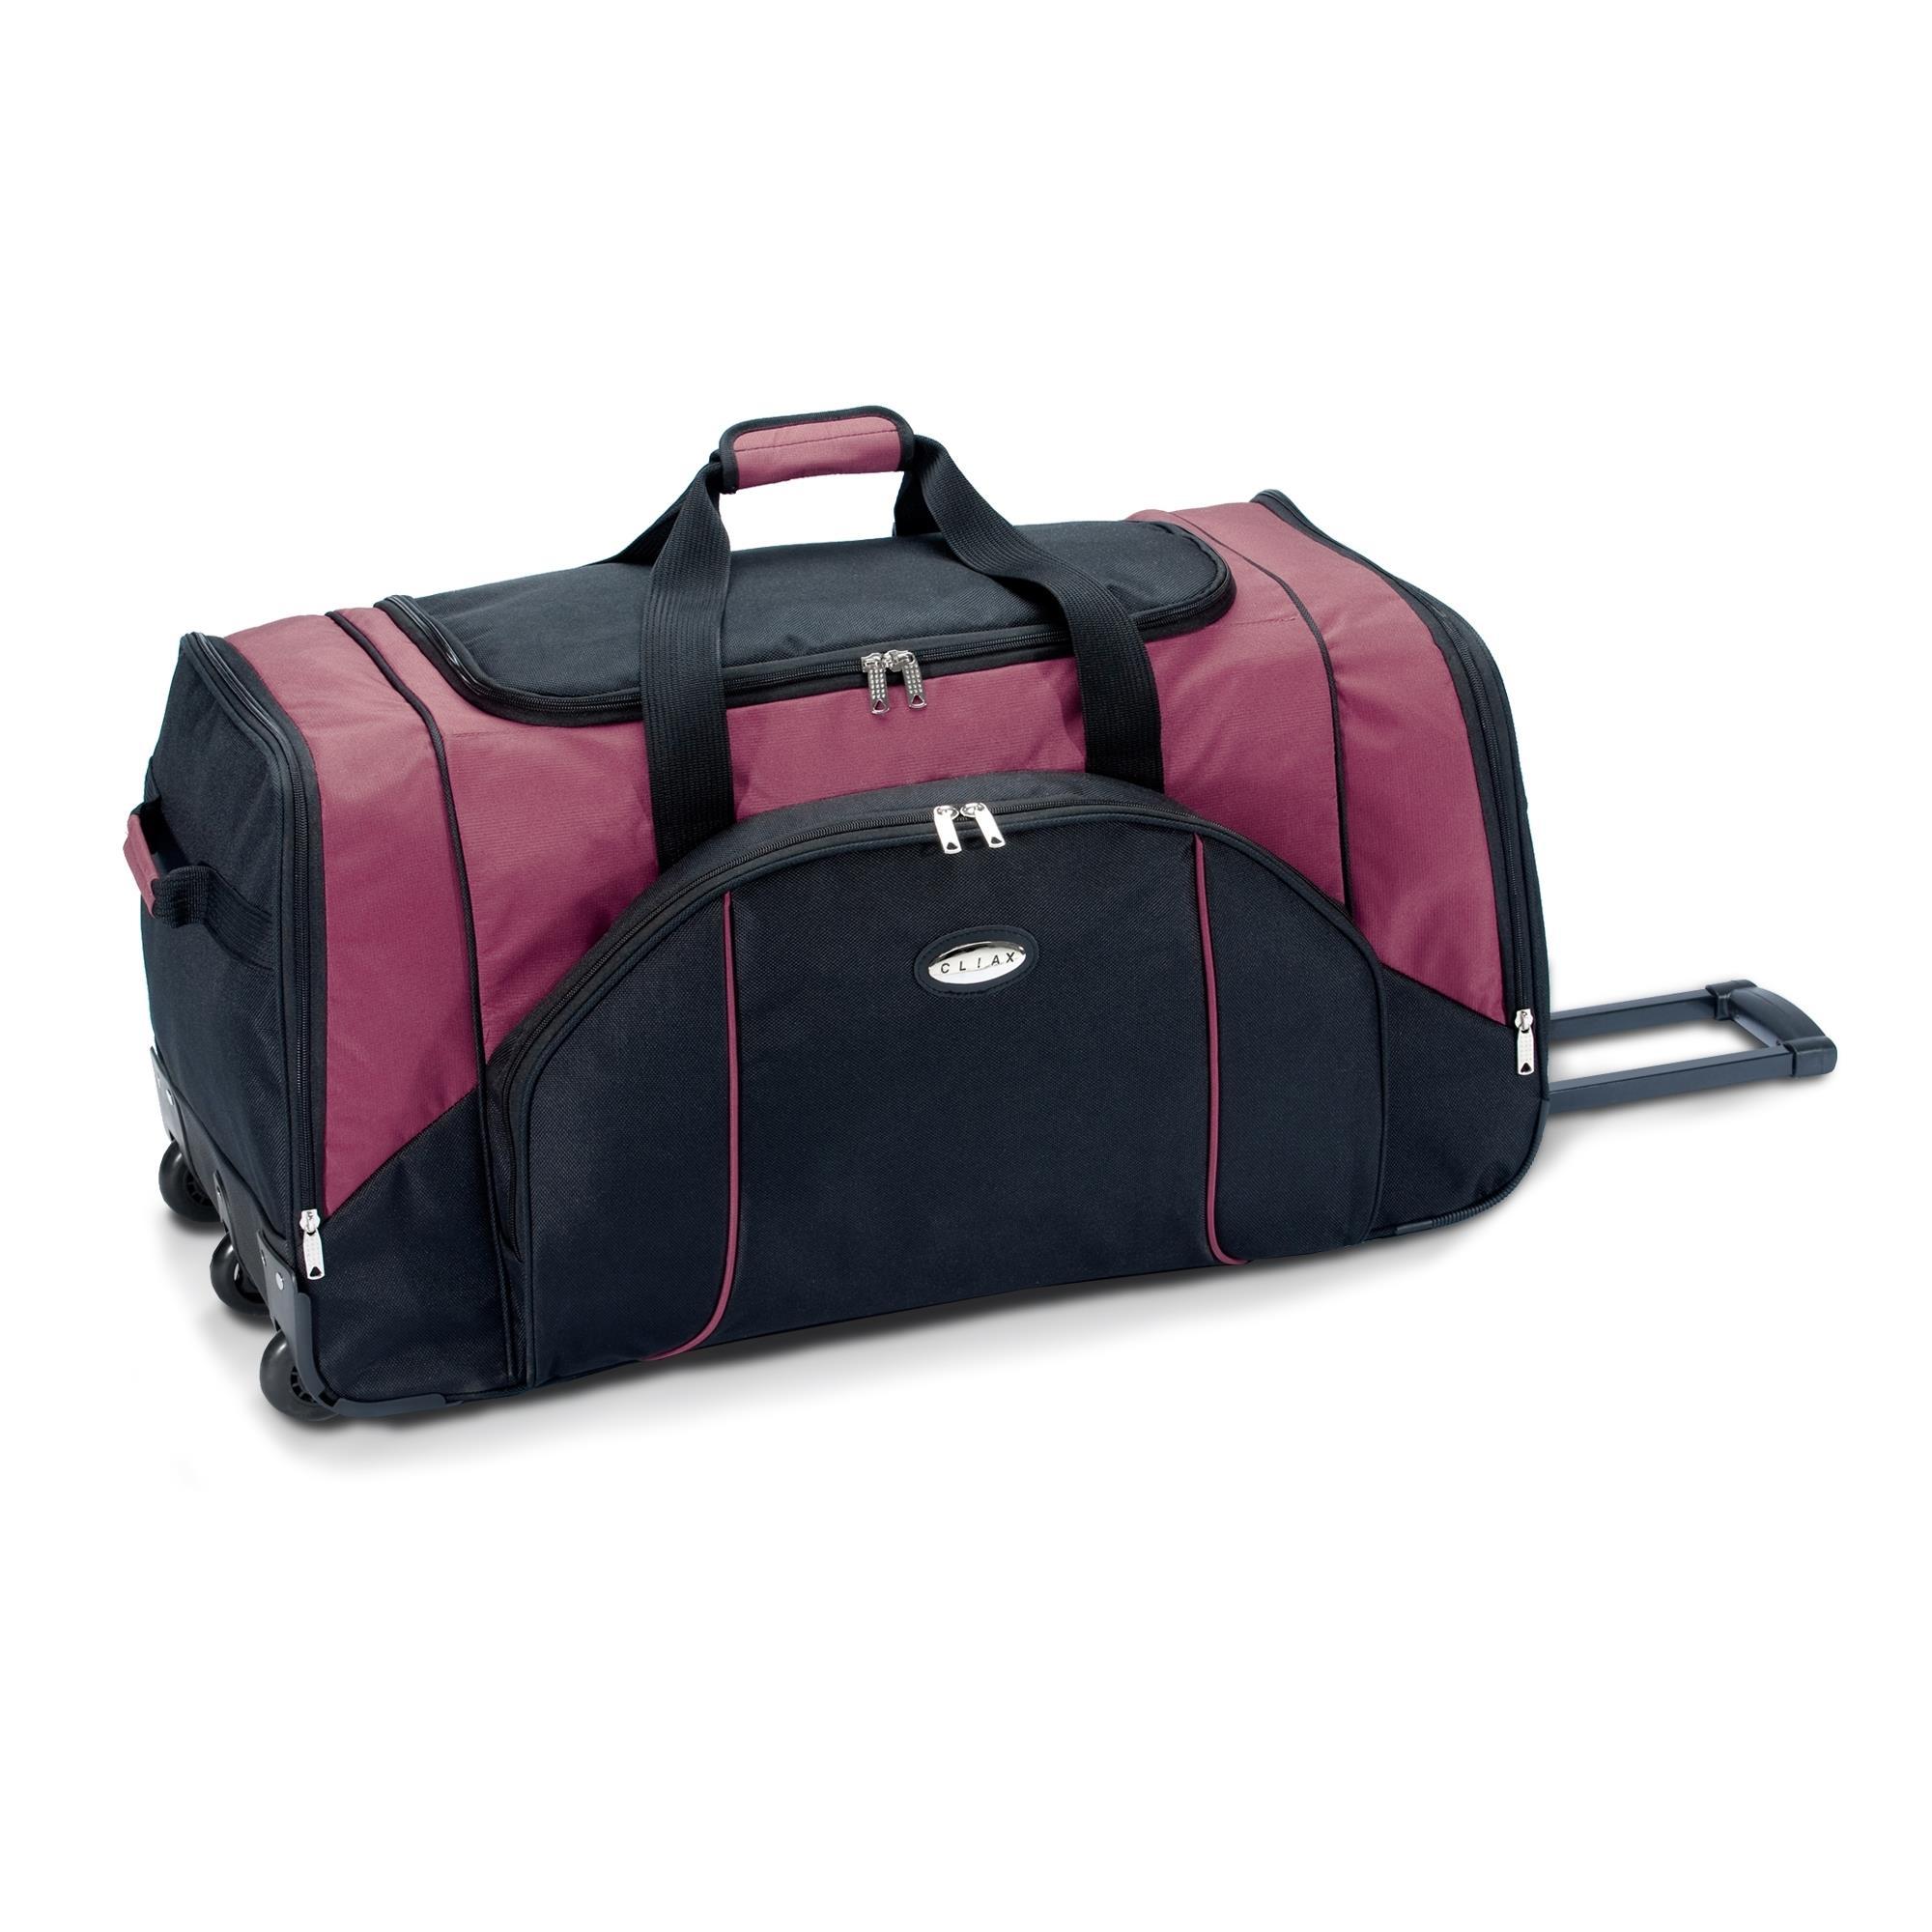 sporttasche reisetasche mit rollen trolley koffer 95l 130l gr n rot blau grau ebay. Black Bedroom Furniture Sets. Home Design Ideas